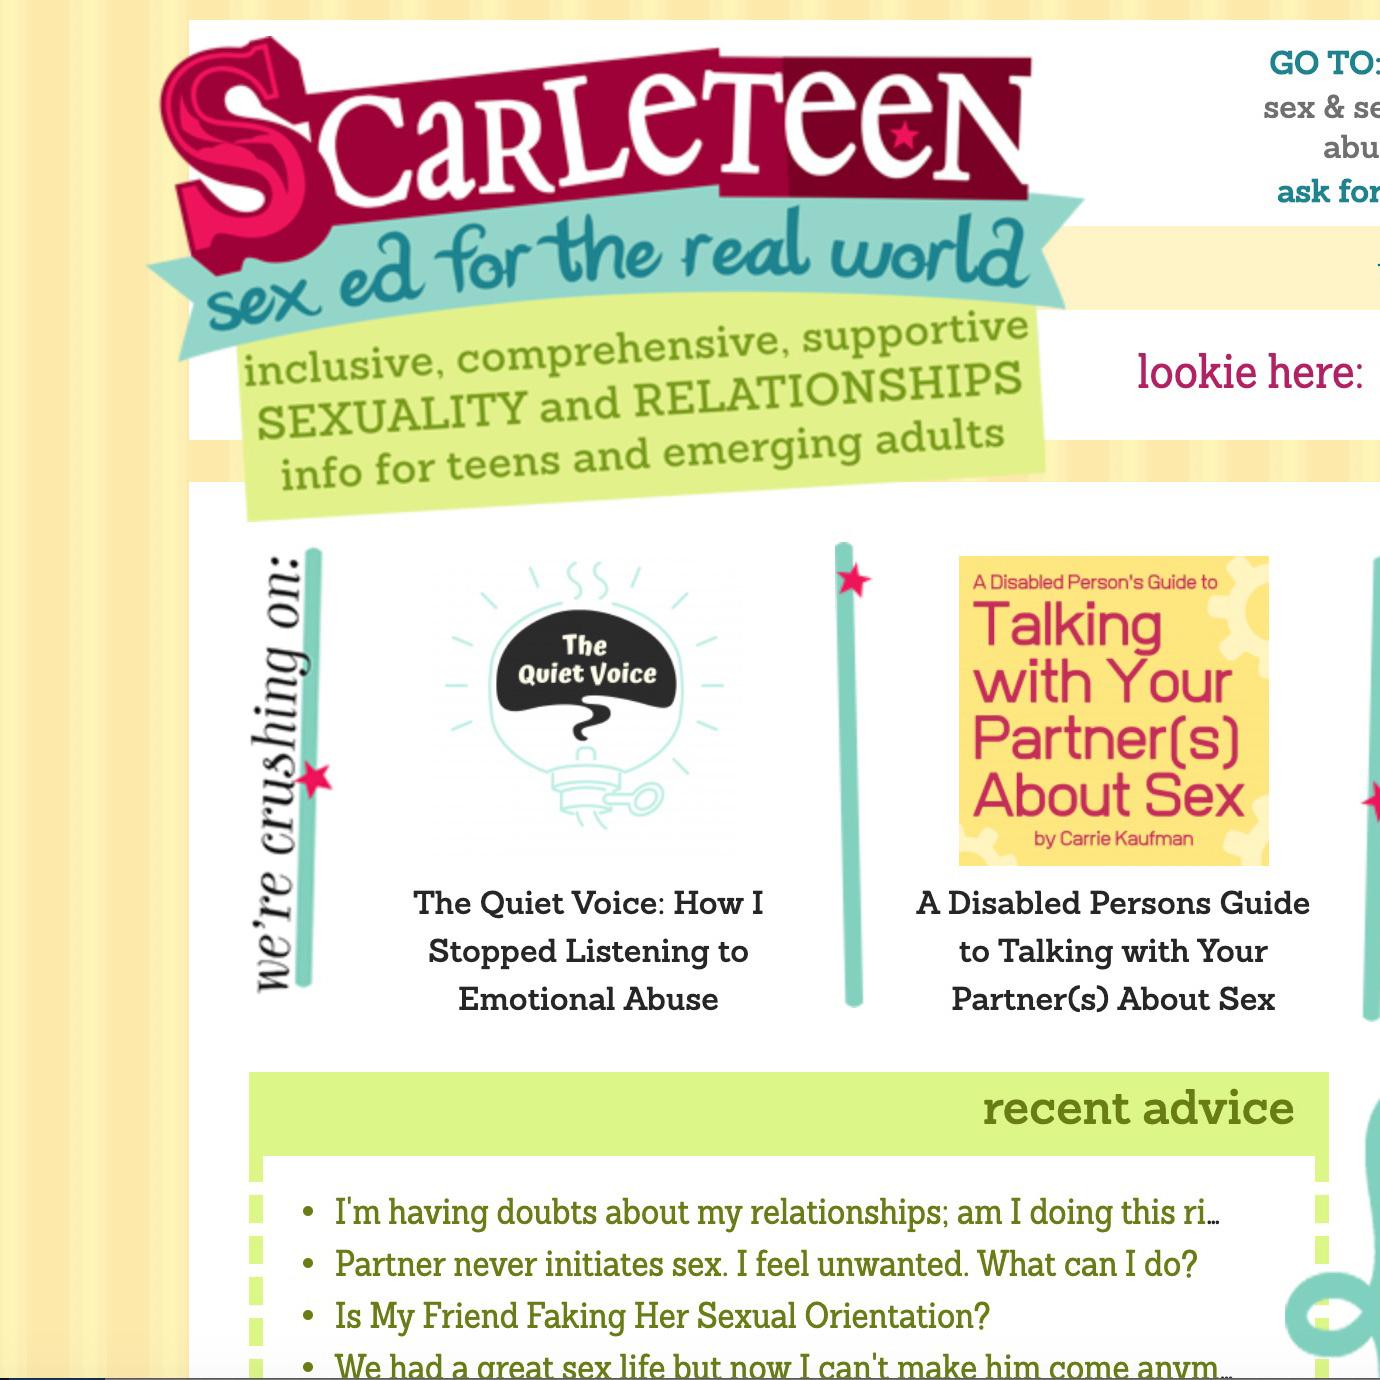 Scarleteen